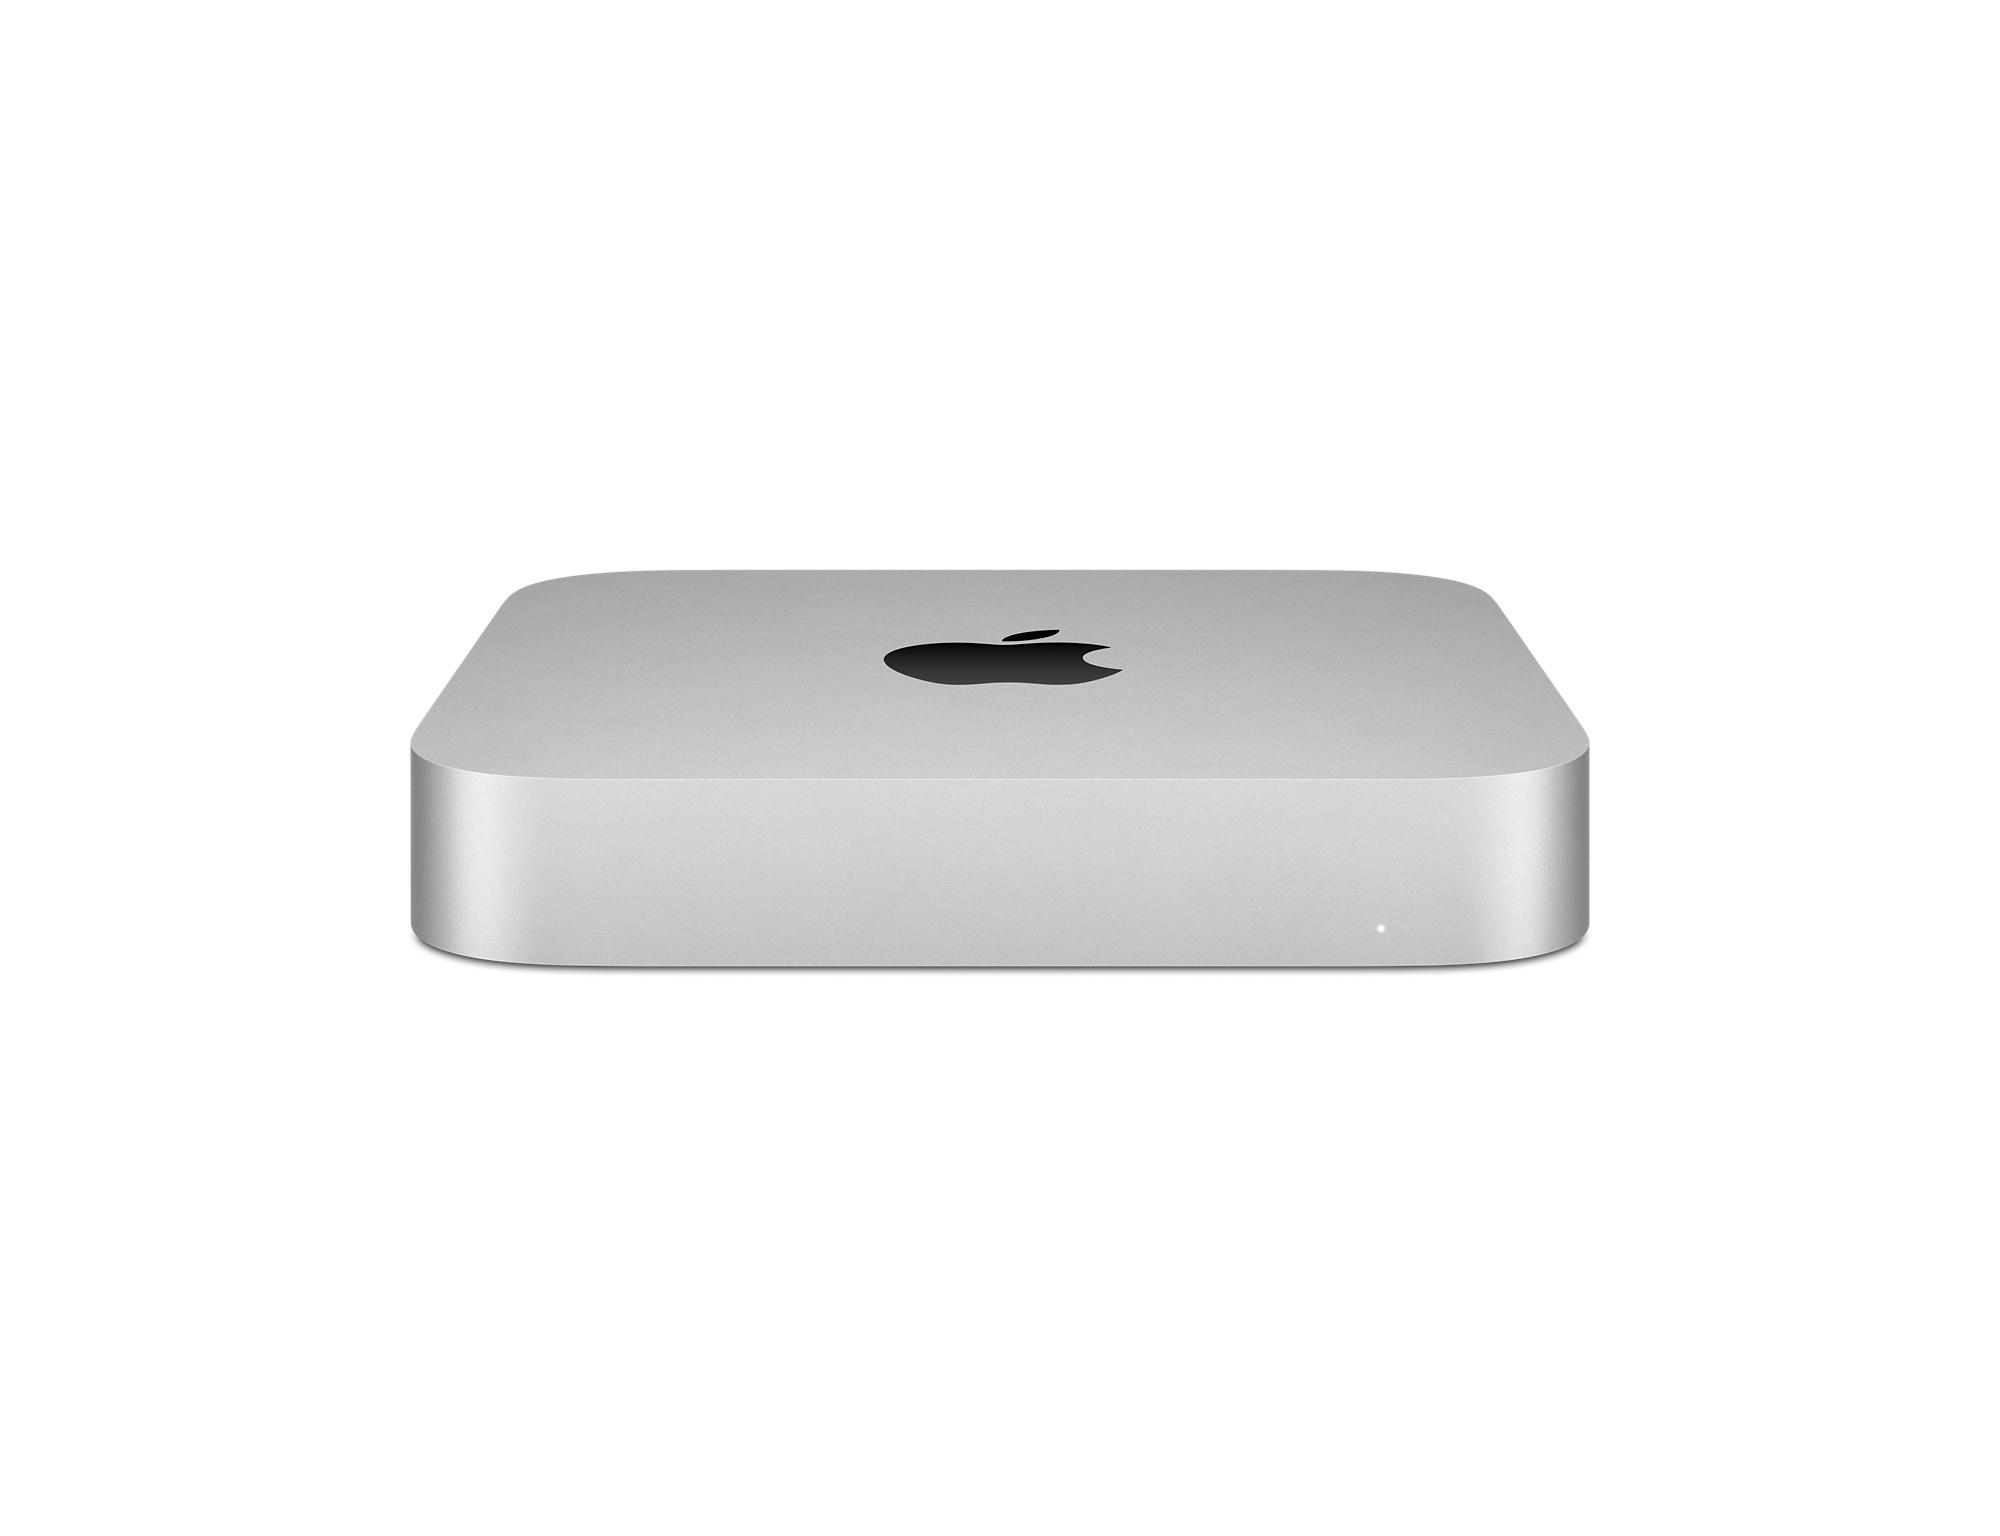 MAC MINI - Apple M1 Chip with 8-Core CPU and 8-Core GPU 256GB Storage